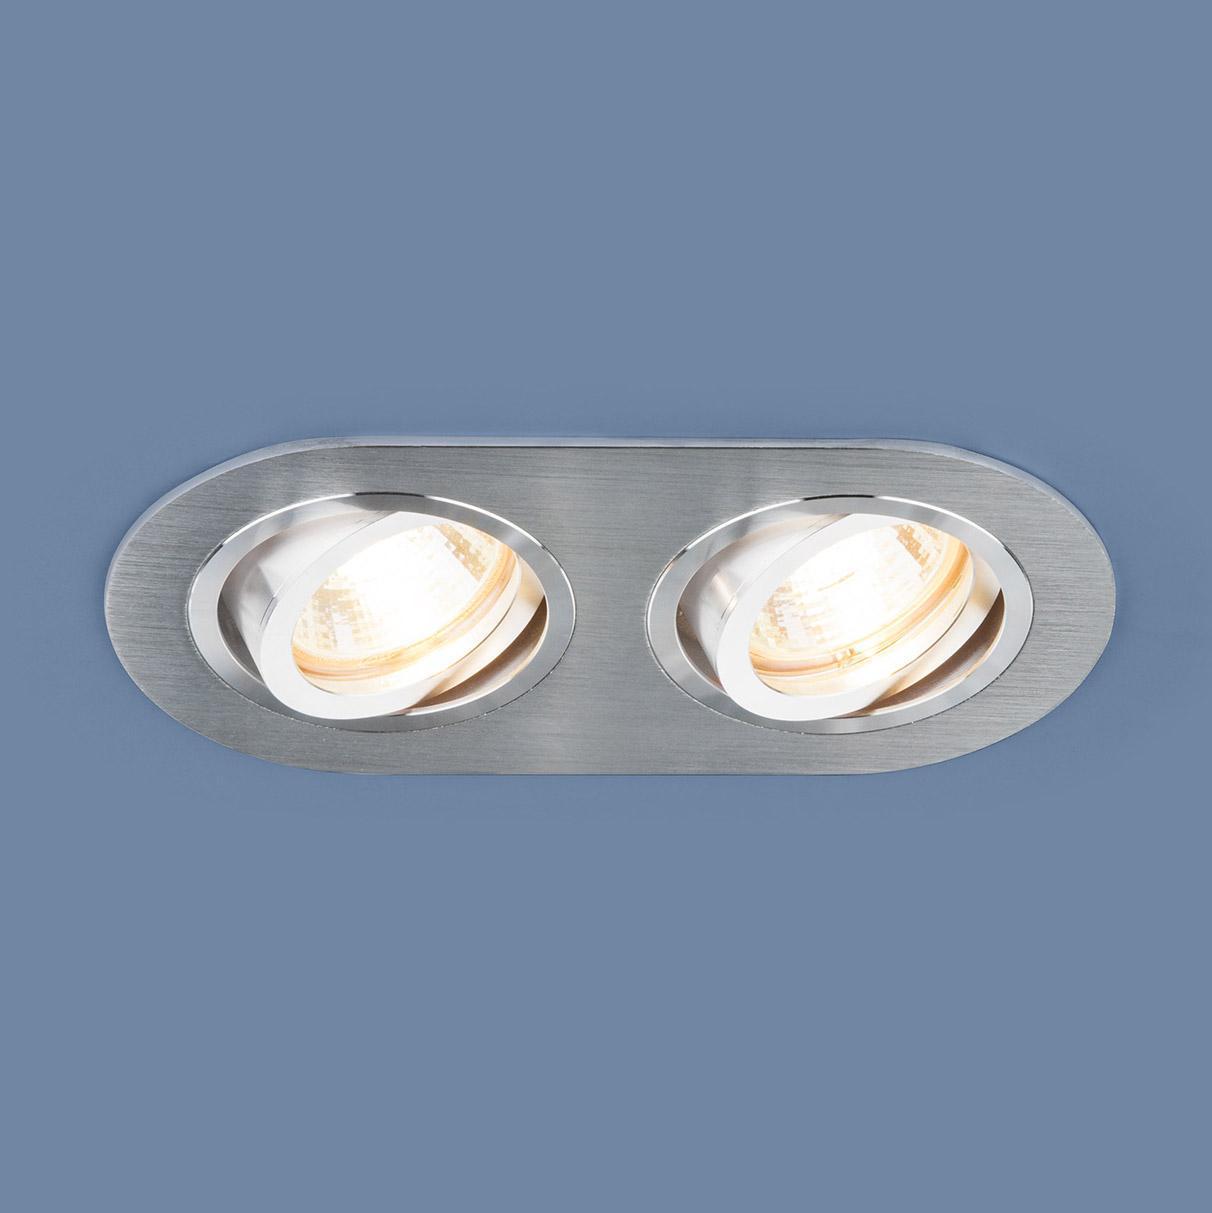 Встраиваемый светильник Elektrostandard 1061/2 MR16 SL серебро 4690389095504 встраиваемый светильник elektrostandard 1061 2 mr16 sl серебро 4690389095504